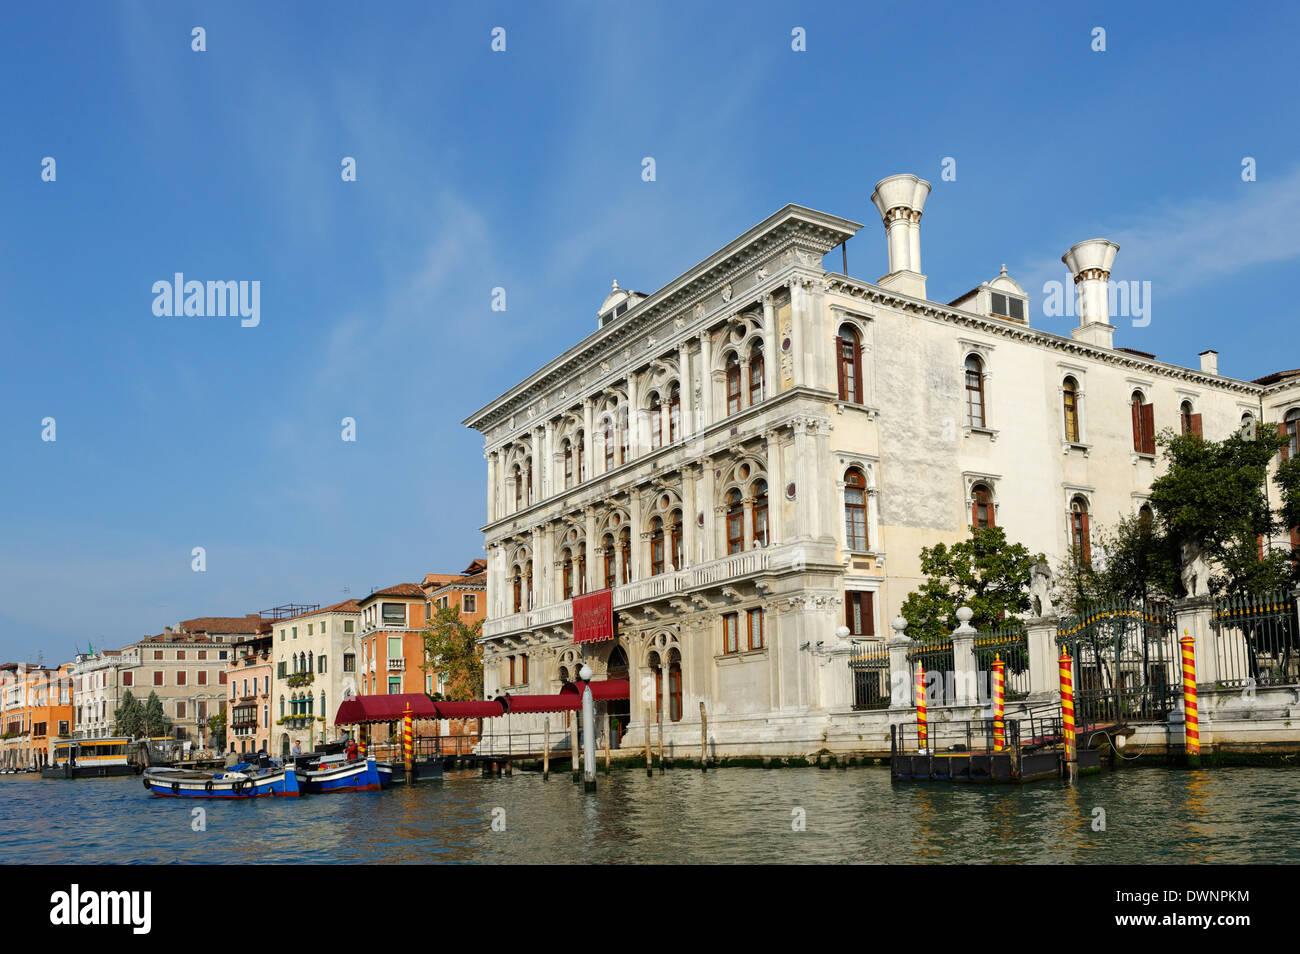 Casino di Venezia, Marcuola, Grand Canal, Cannaregio, Venice, Veneto, Italy Stock Photo